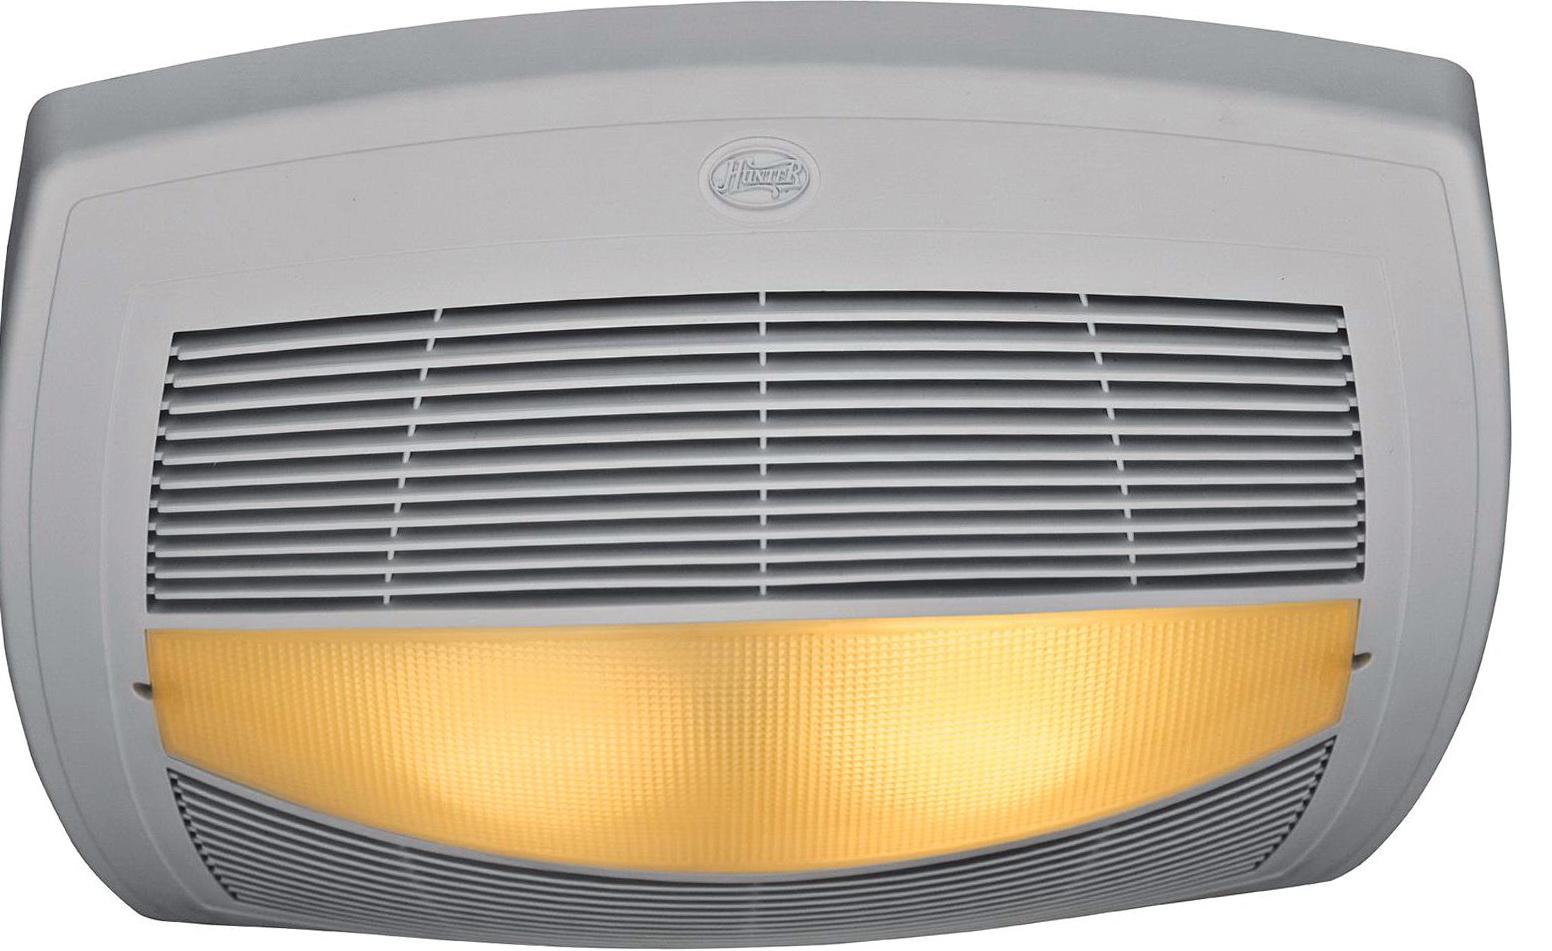 Broan Bathroom Fan 688